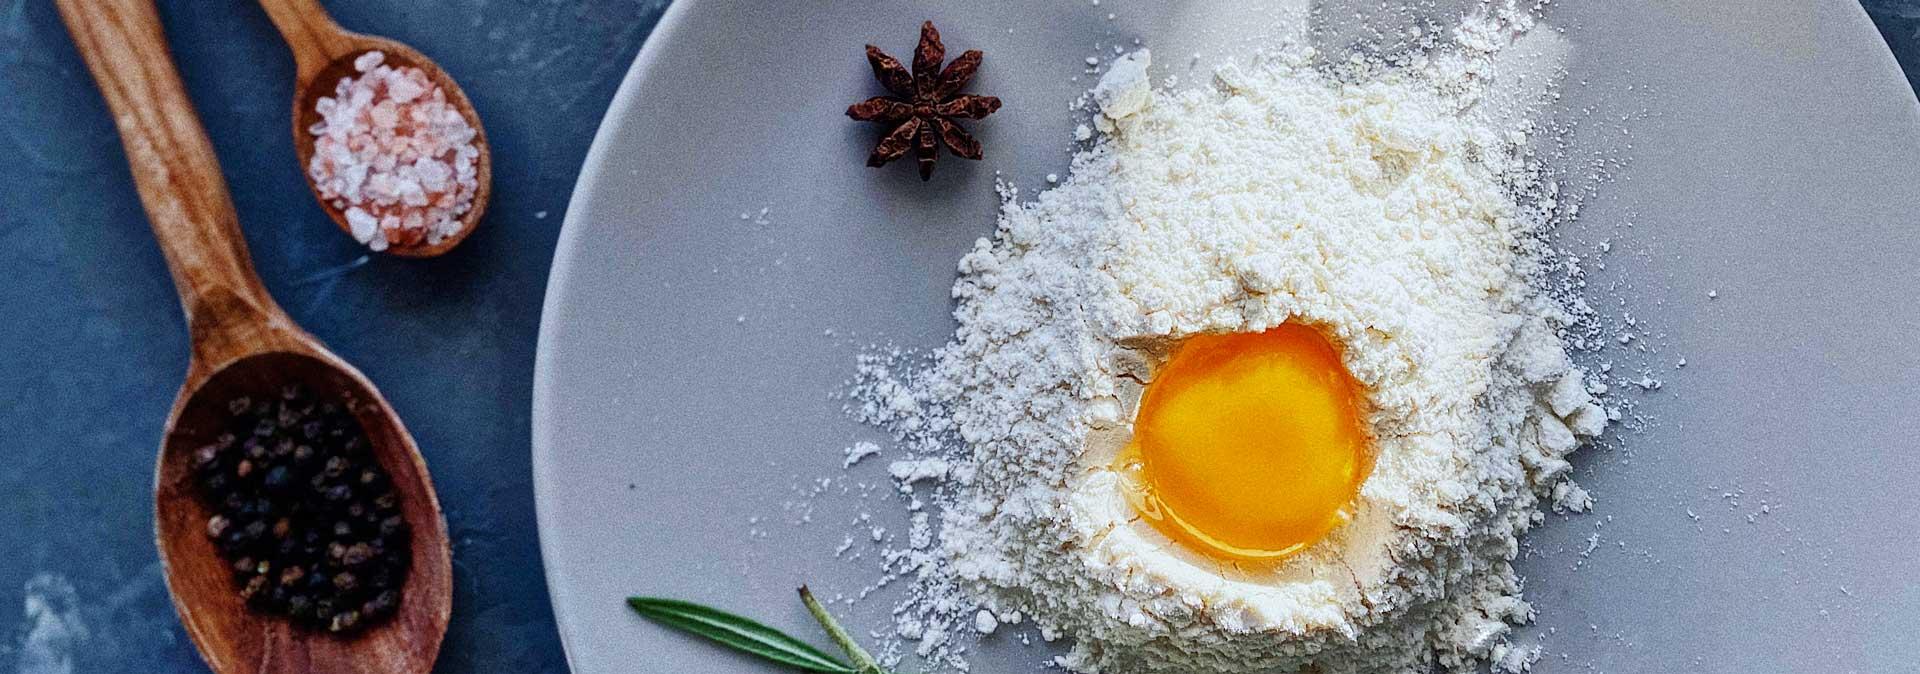 как похудеть на яичных желтках рецепт